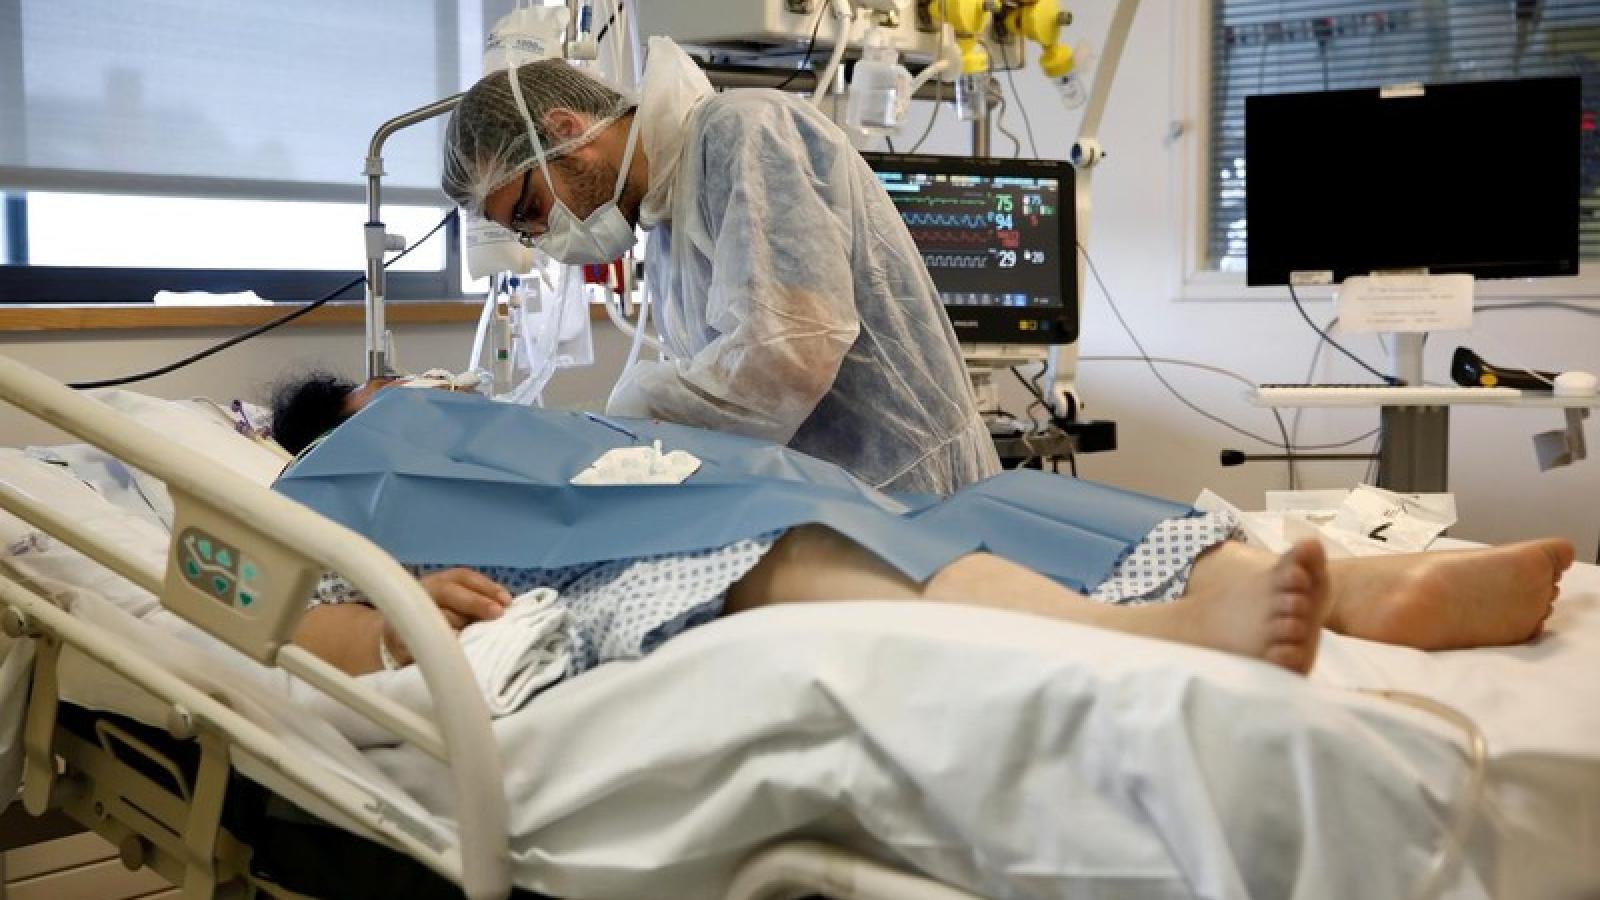 """Hiện tượng chưa có tiền lệ ở người mắc Covid-19 làm bác sĩ """"đau đầu"""""""